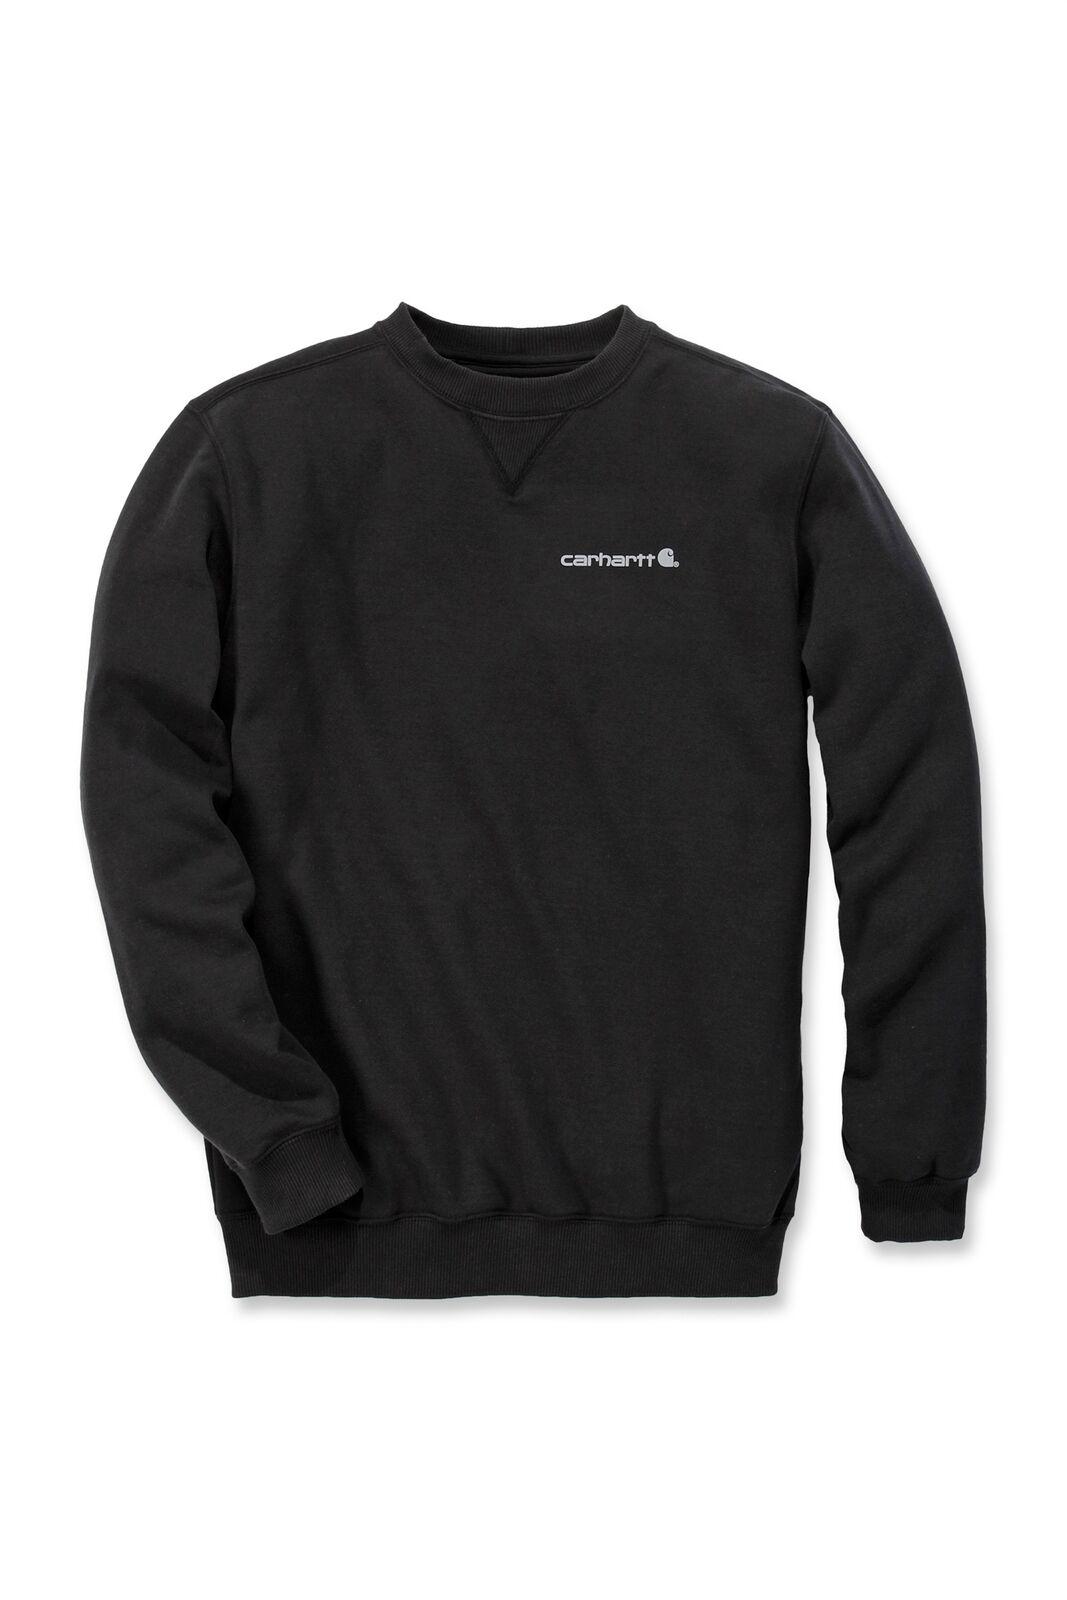 CARHARTT Uomo Sweater Graphic Pullover Maglione Maglione Maglione girocollo // S M L XL XXL // NUOVO 6b4d20